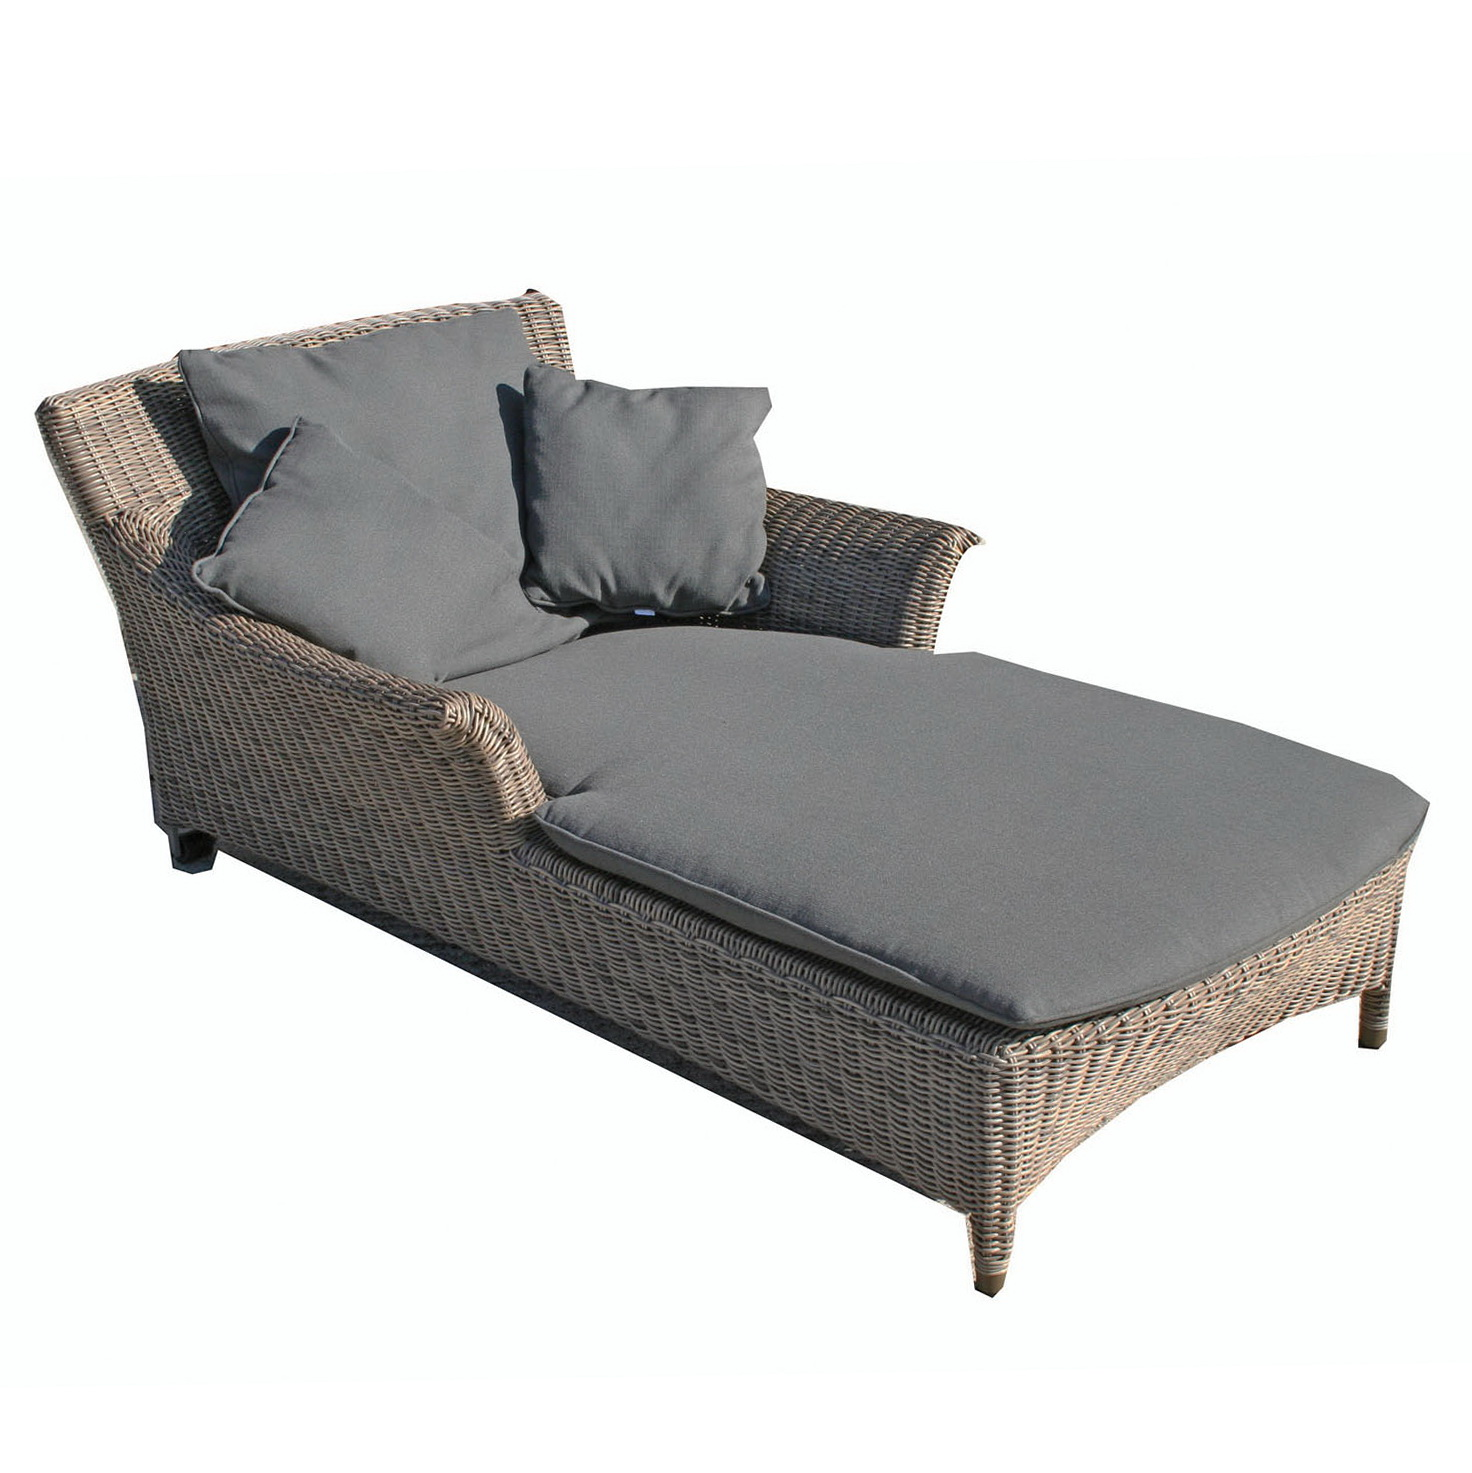 Waterproof Outdoor Cushions Outdoor Furniture